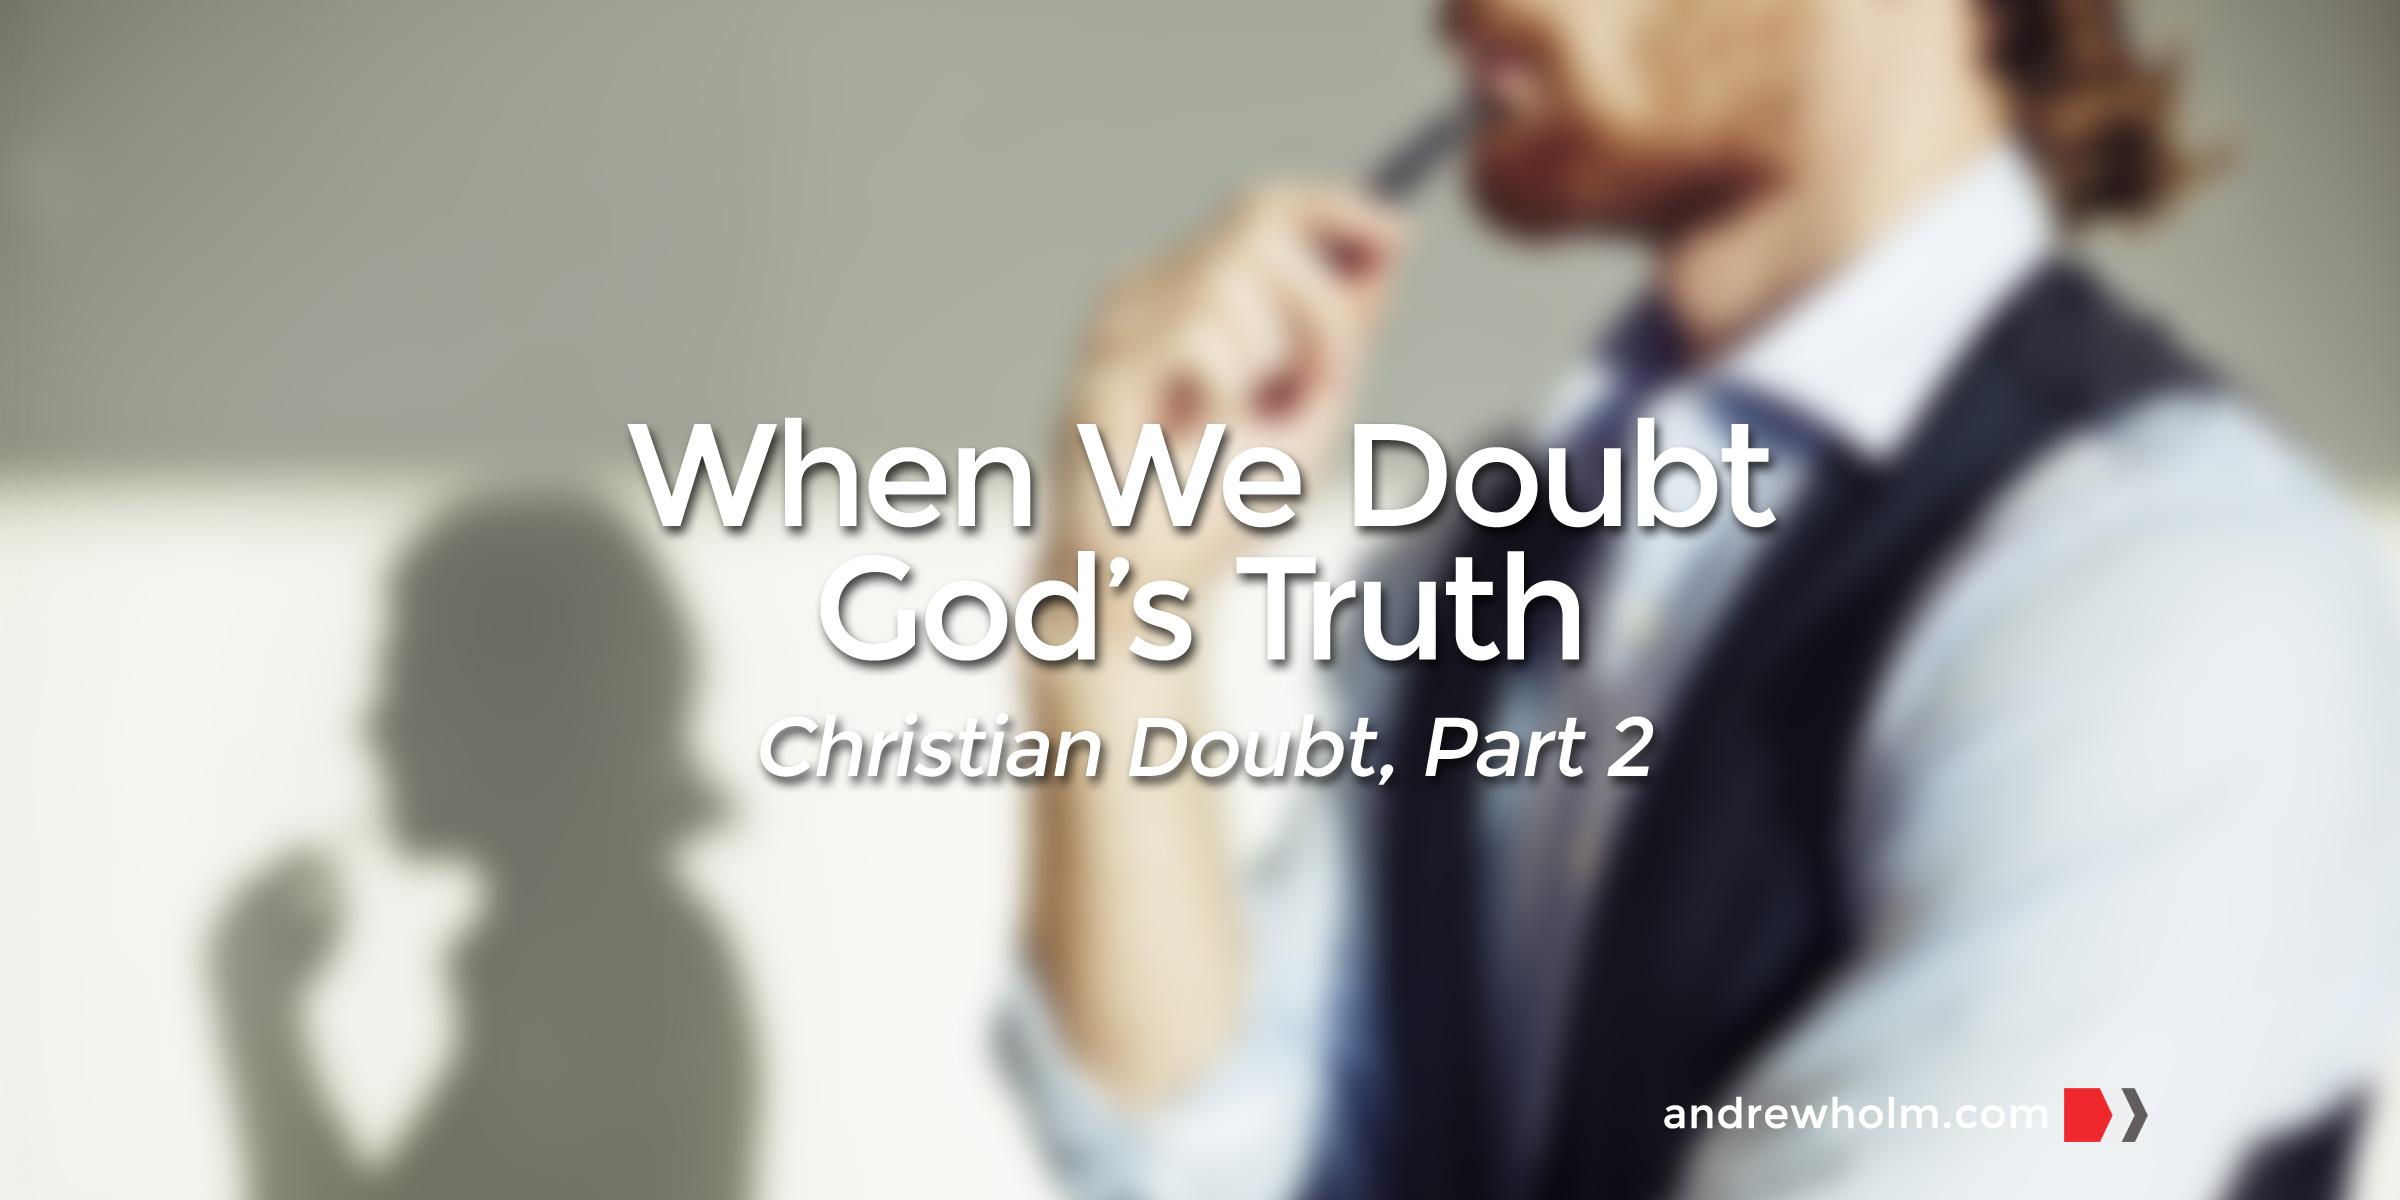 Christian Doubt, Part 2